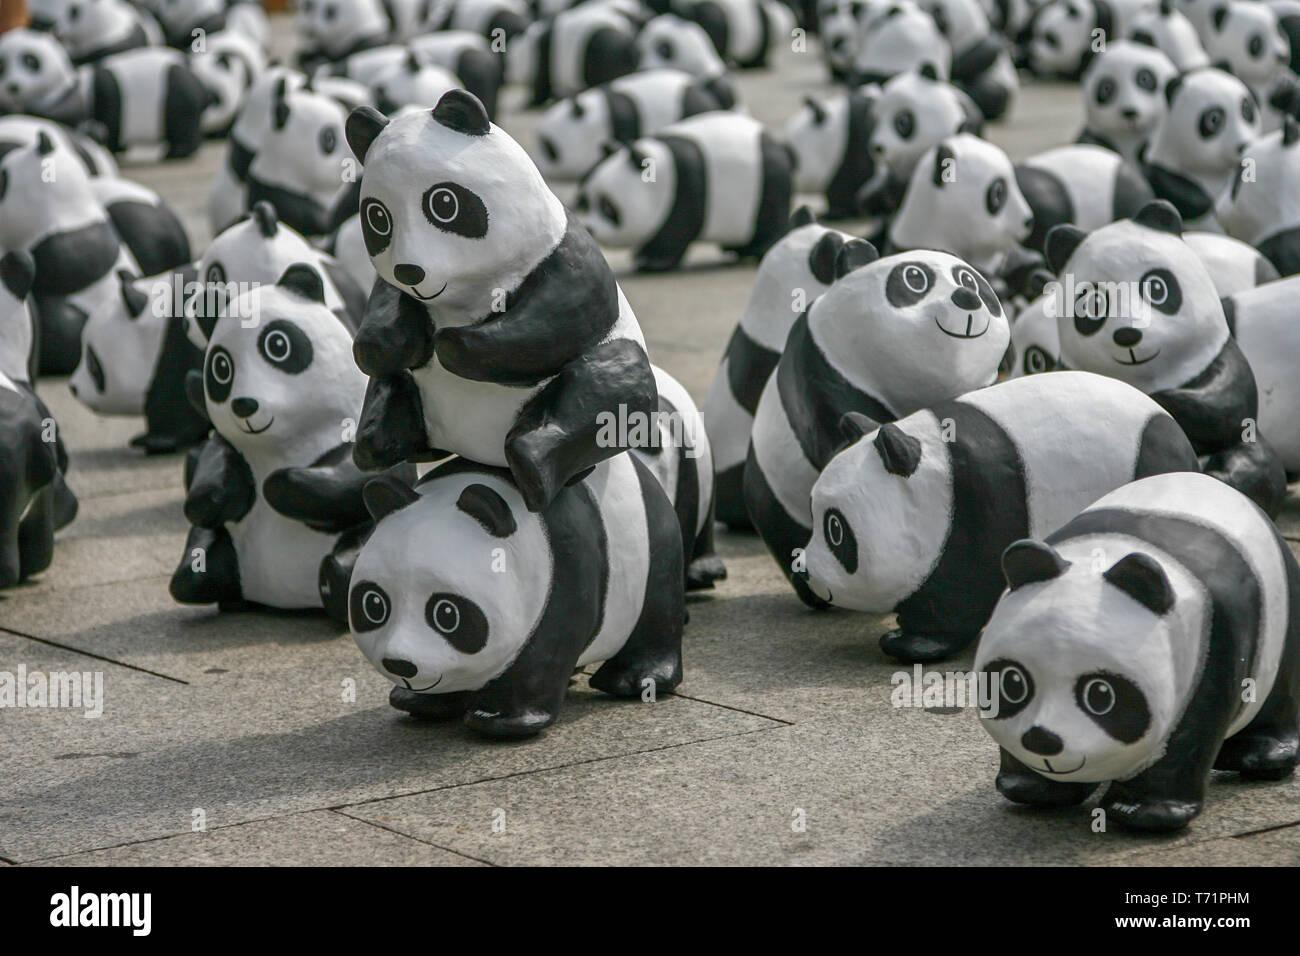 Berlin, Allemagne, le 6 août 2013 - Le WWF fête son 50e anniversaire avec un panda tour. 1600 sculptures d'Pandabaeren ont été mis en place en face de la gare centrale de Berlin. Ceux-ci correspondent à la vie encore nombre d'Pandabaeren dans la liberté. Banque D'Images